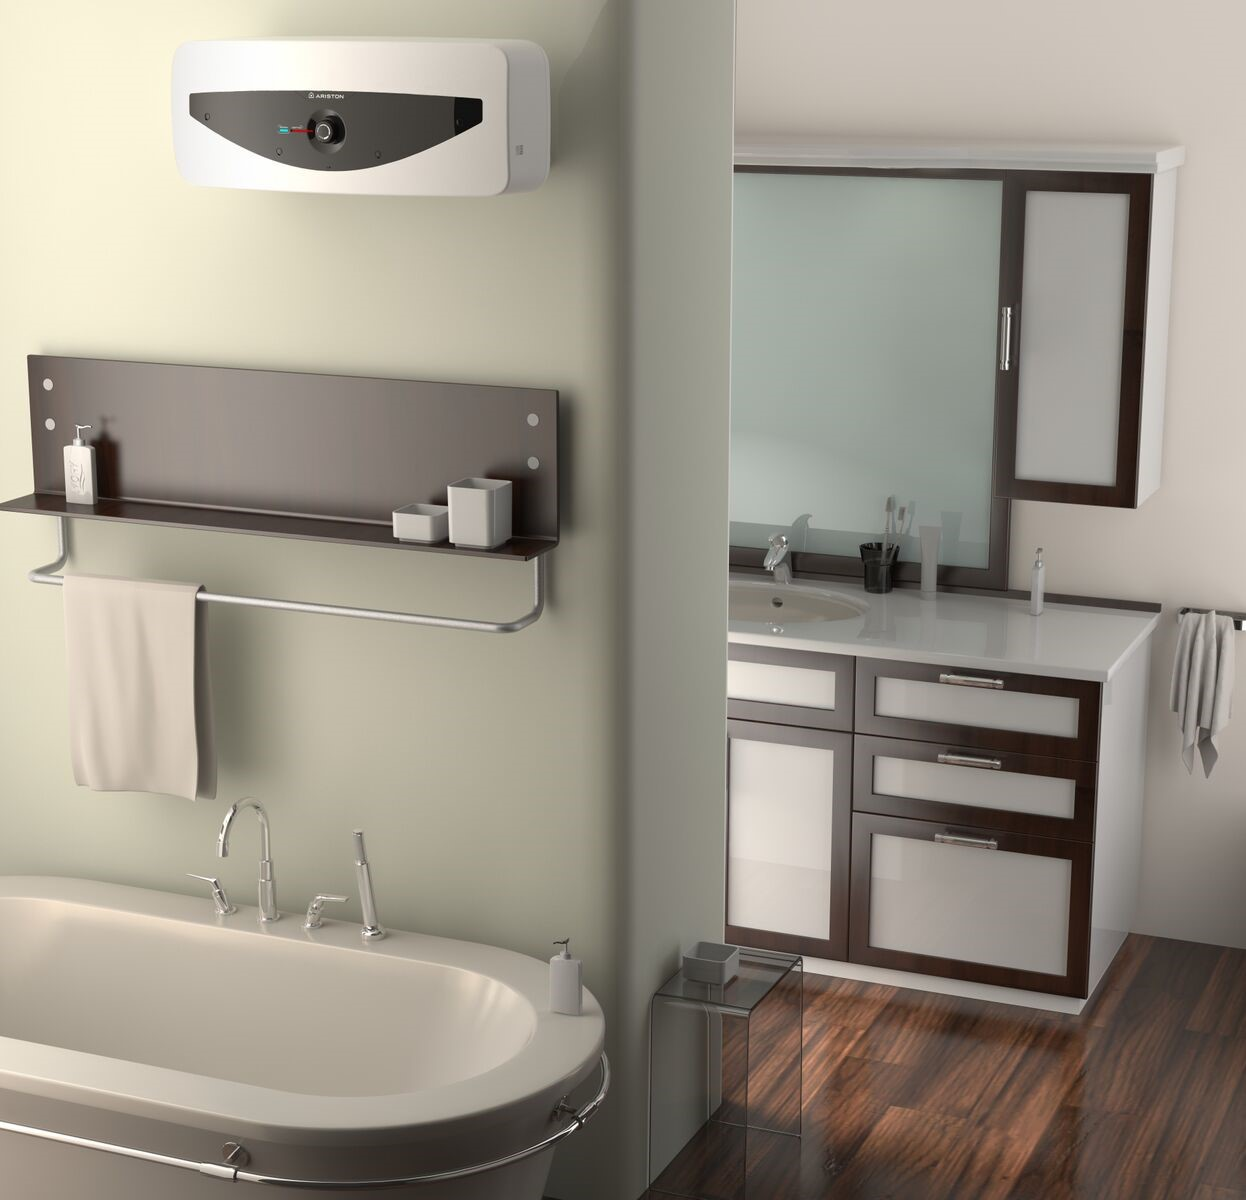 Ariston-Slim20-SL20-Storage-Water-Heater & Ariston-Slim20-SL20-Storage-Water-Heater | Bacera